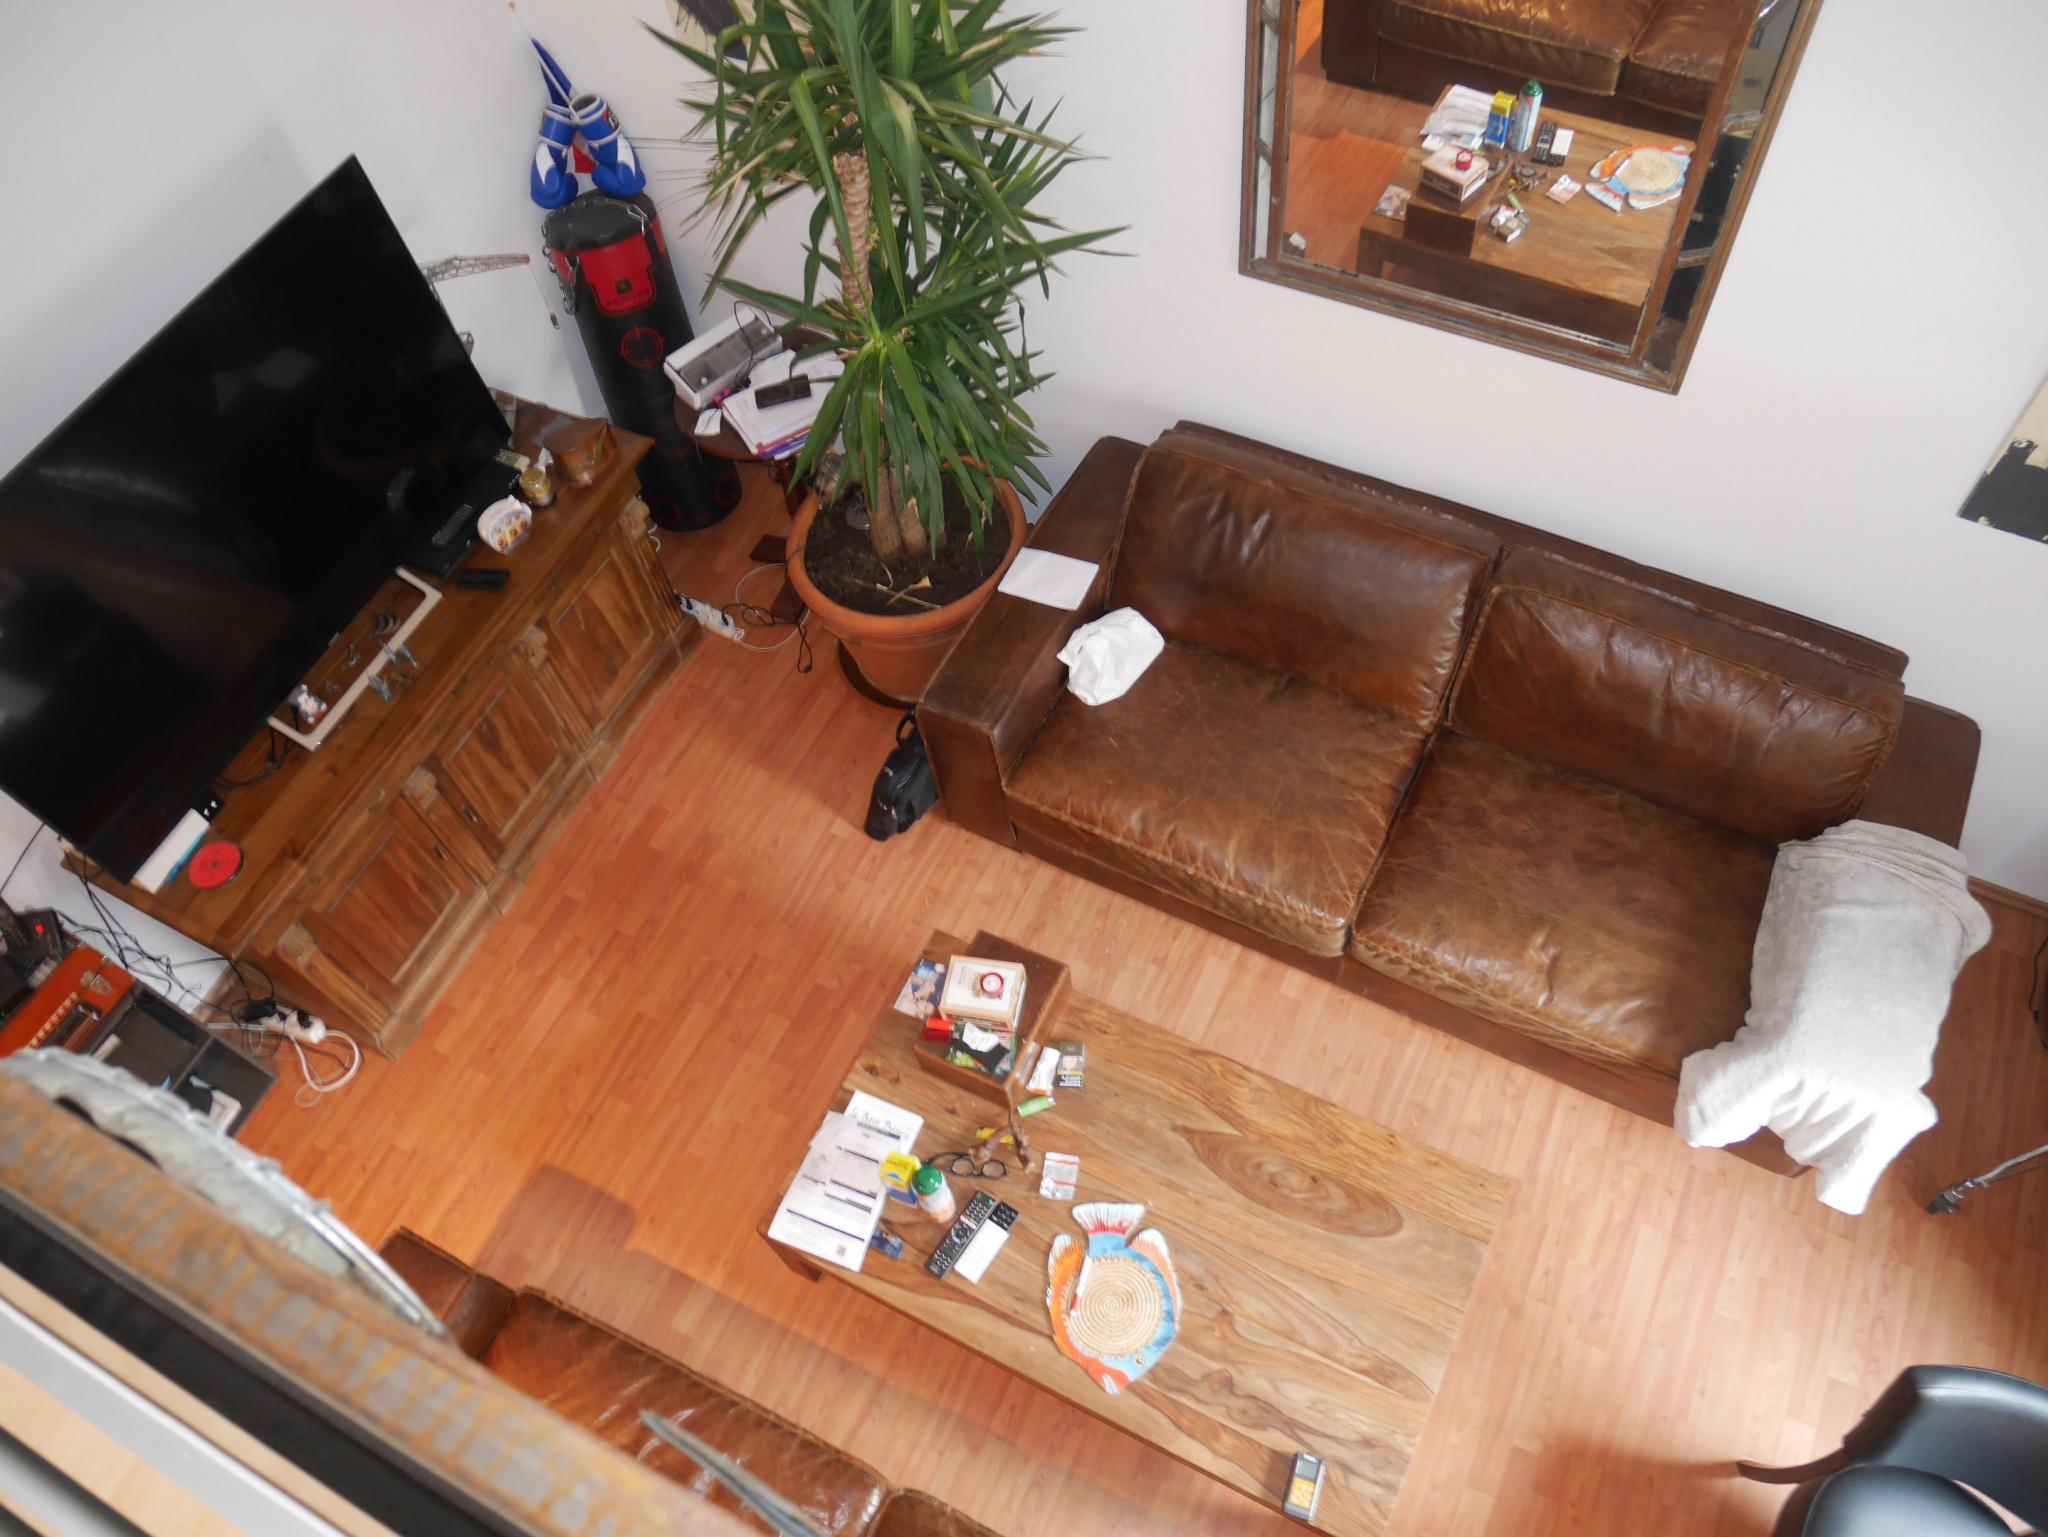 appartement vente troyes m tres carr s 85 dans le domaine de aube ref jevre80006390